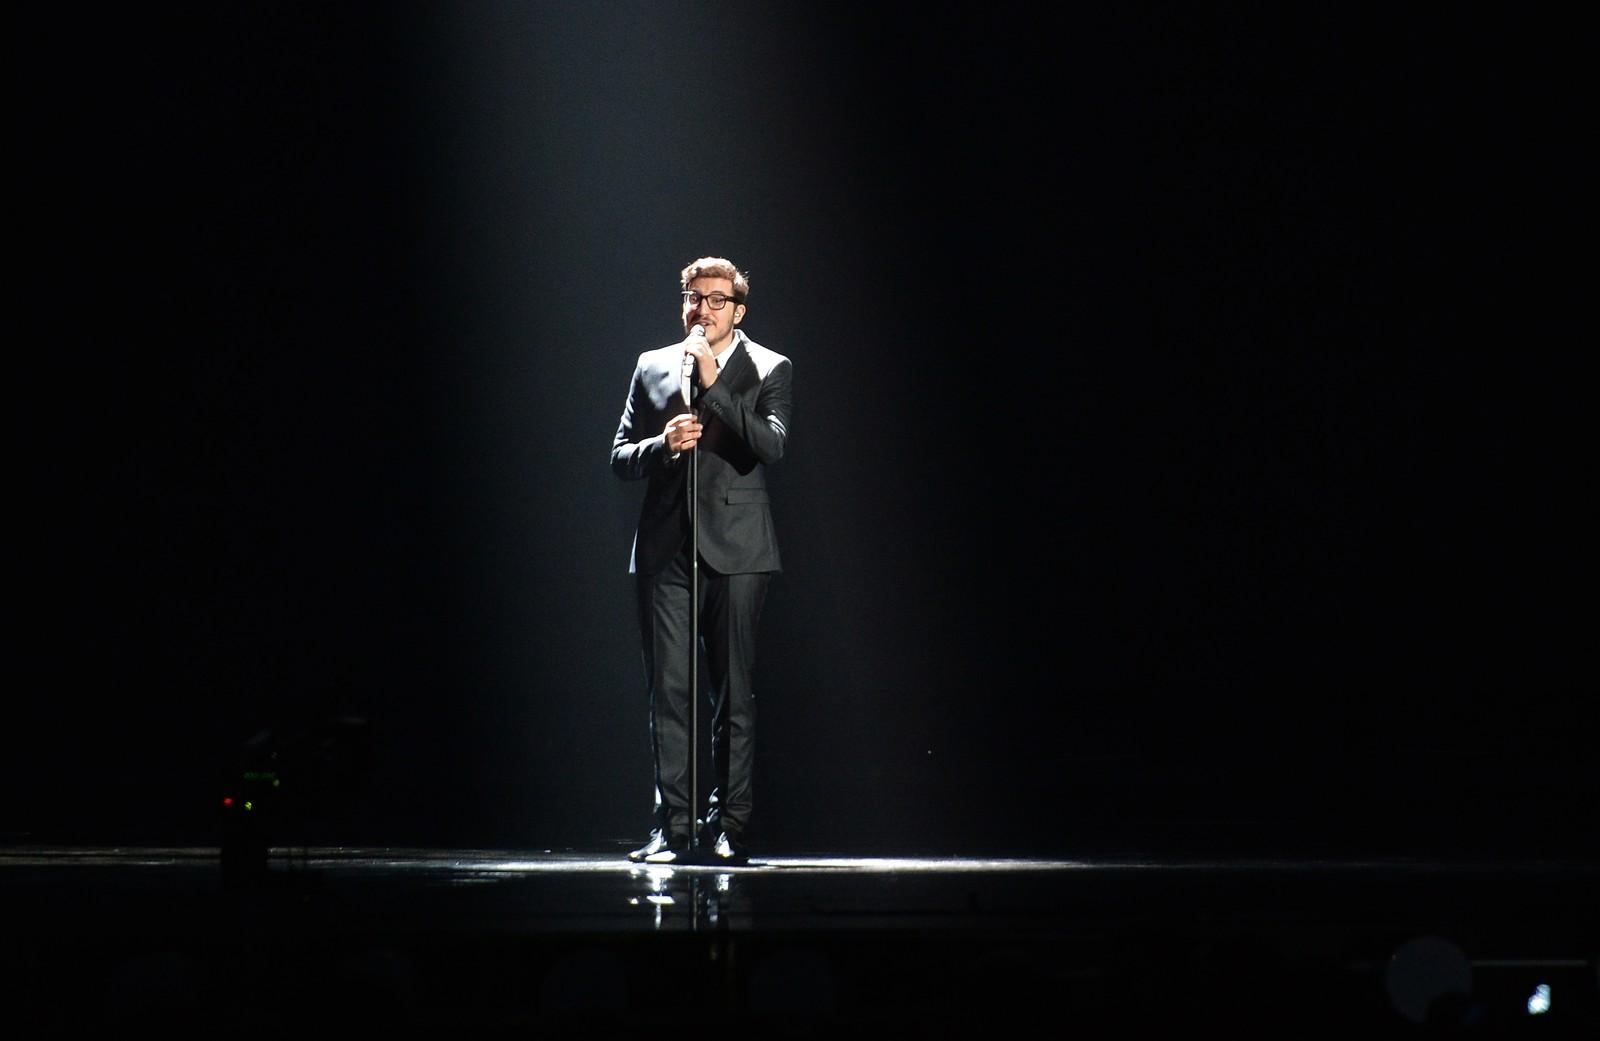 John Karayiannis er Kypros' håp og synger «One Thing I Should Have Done» som artist nummer 15 i kveld. Her fra onsdagens kostymeprøver.